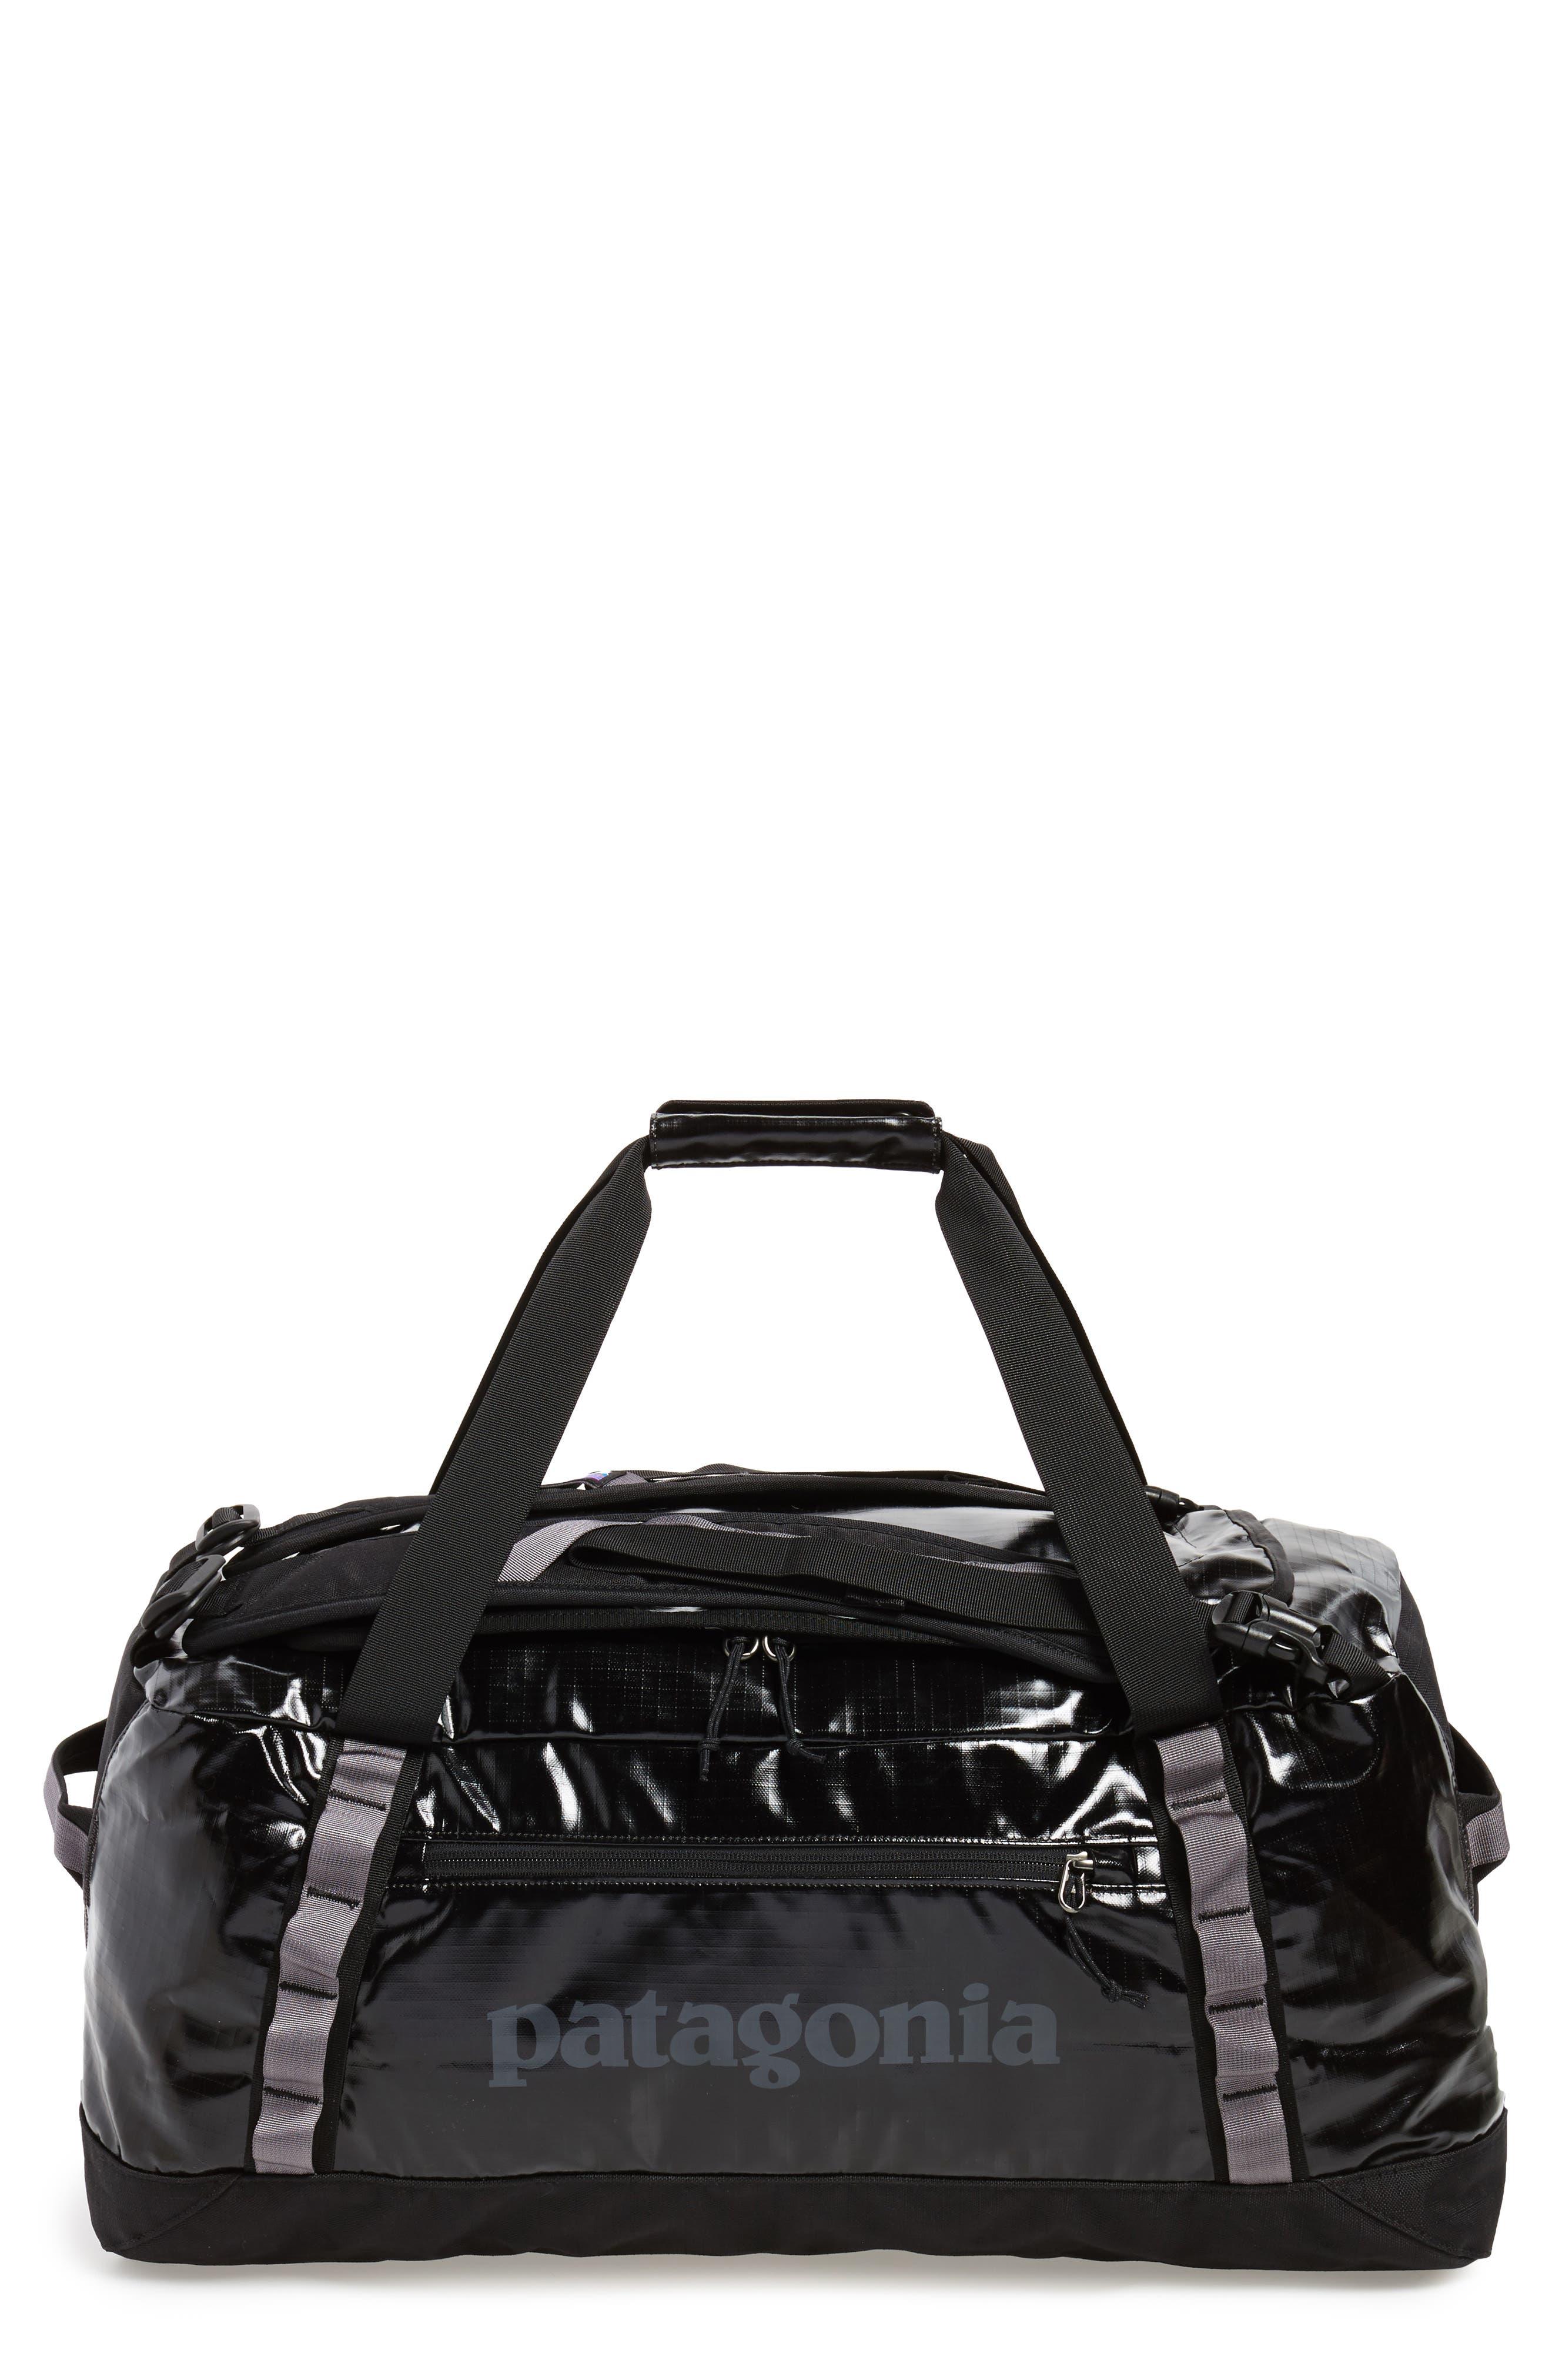 PATAGONIA Black Hole Water Repellent 60-Liter Duffle Bag, Main, color, BLACK